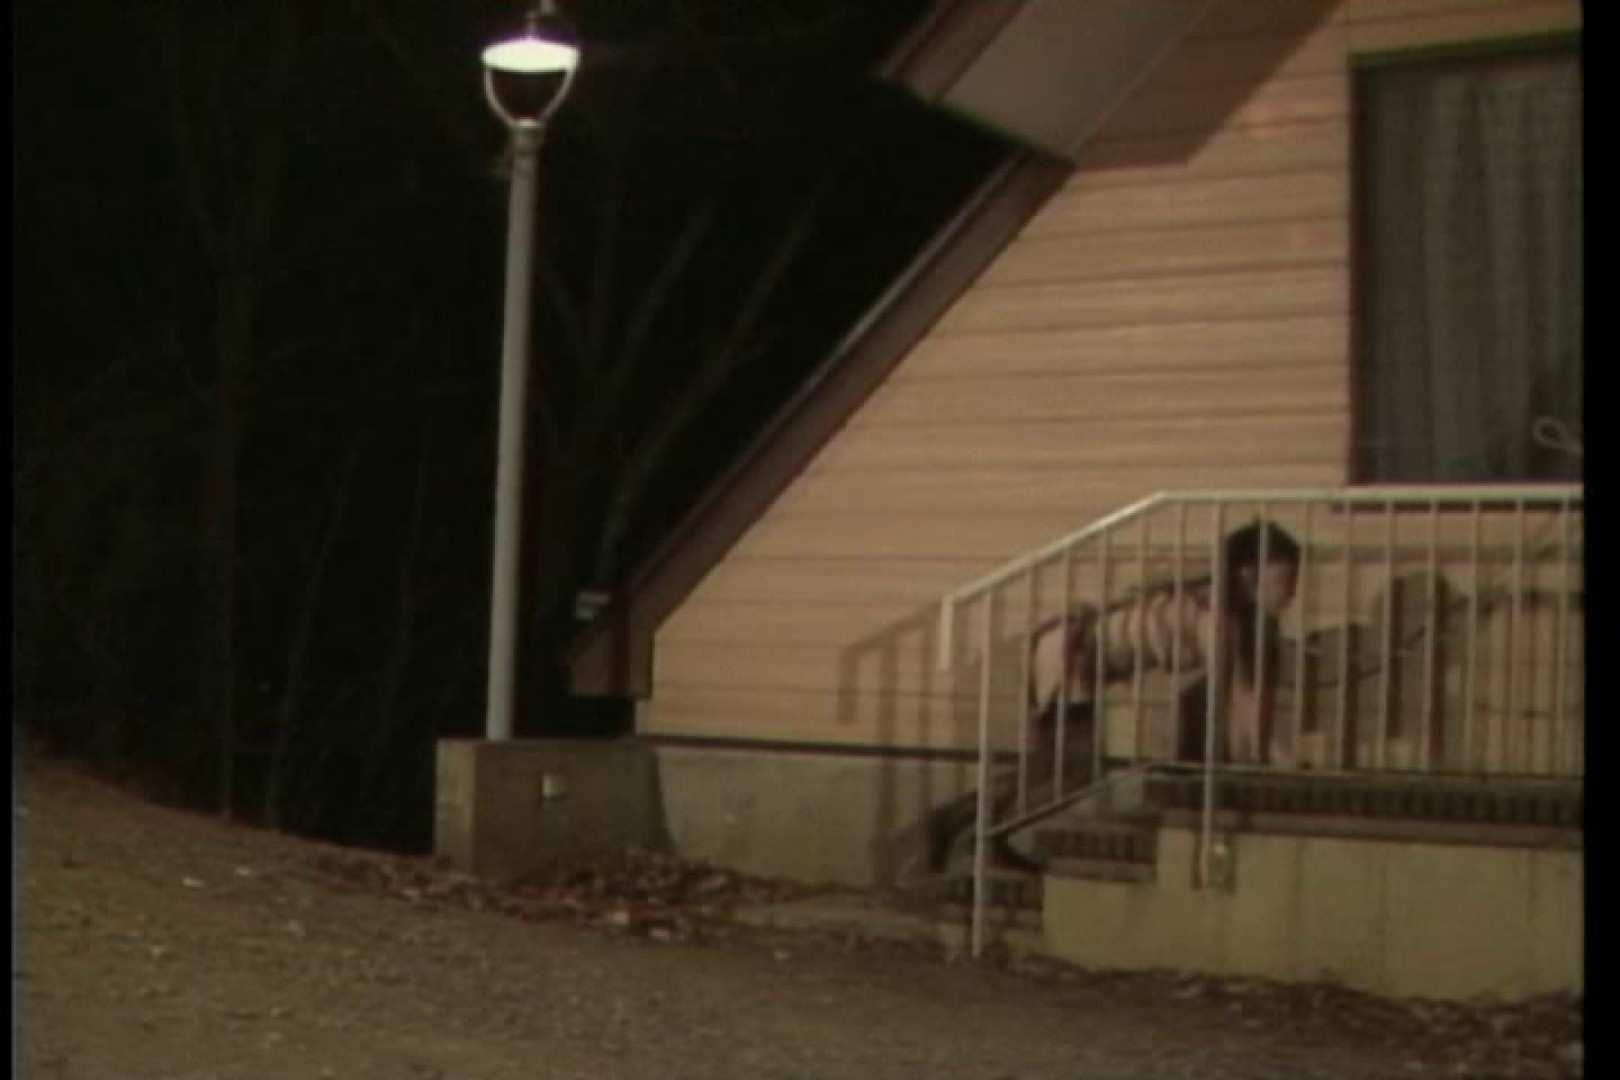 変態亜美のアブノーマルな世界・前編~夢野亜美~ オナニー特集   巨乳デカ乳  112画像 26